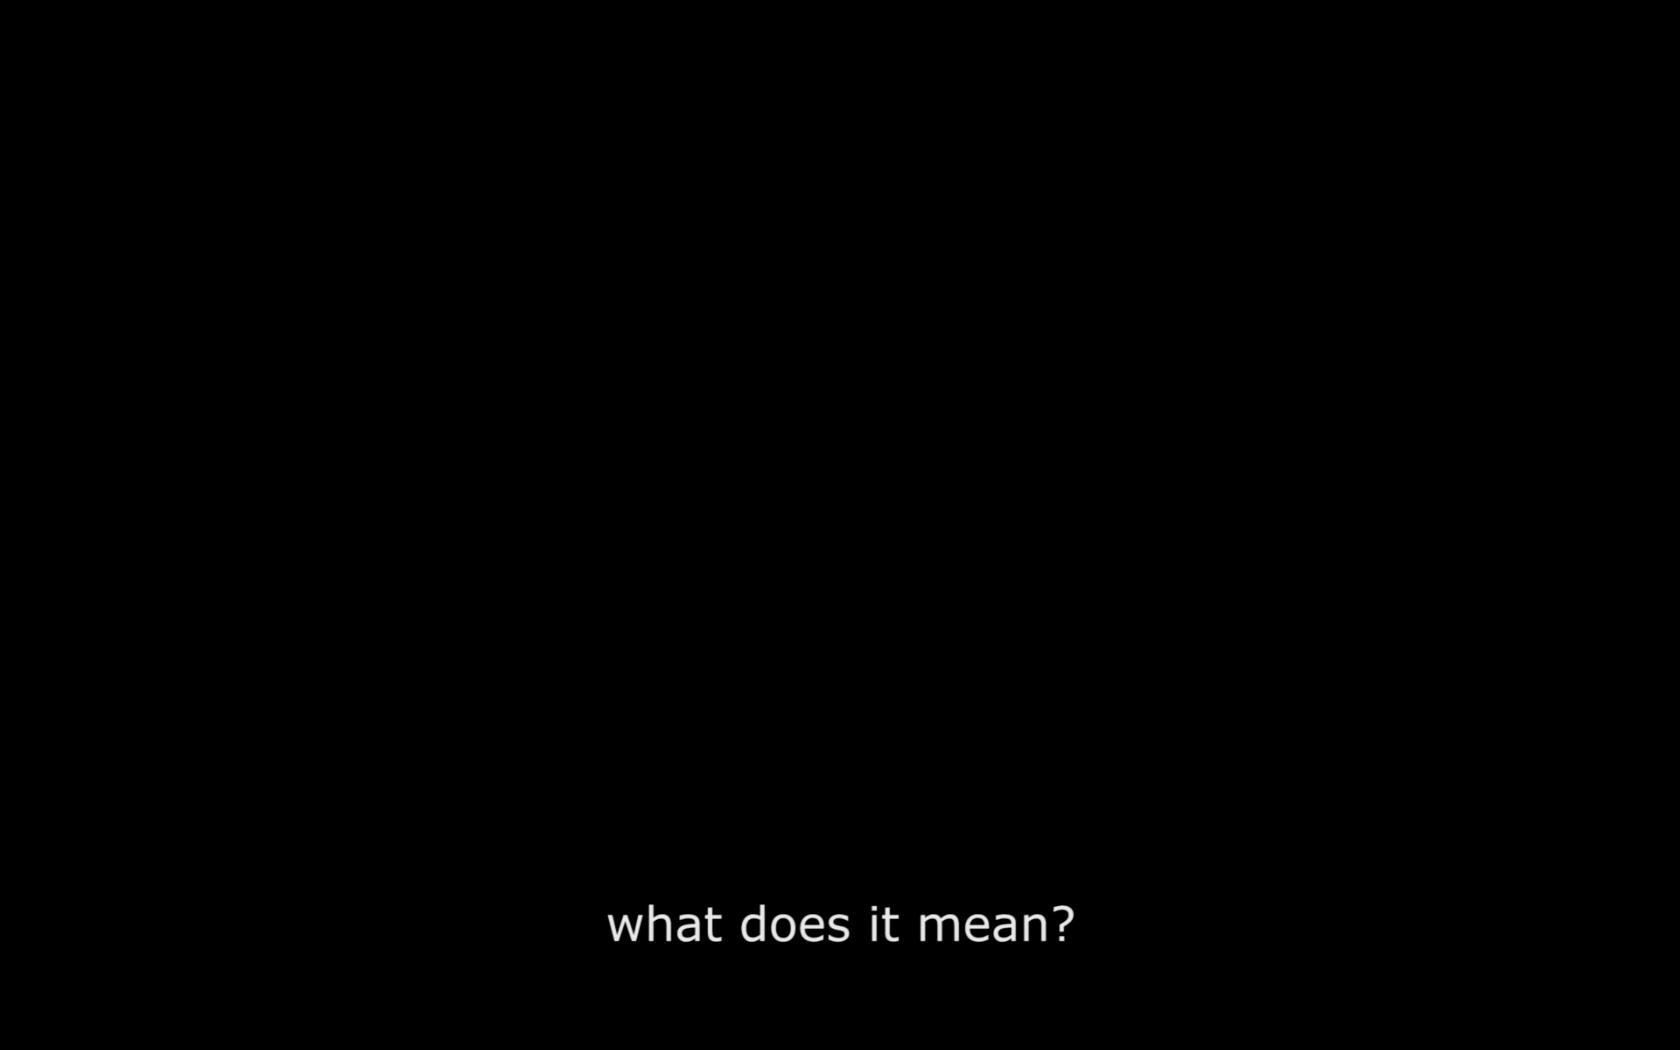 Screen Shot 2018-10-08 at 9.02.48 PM.png